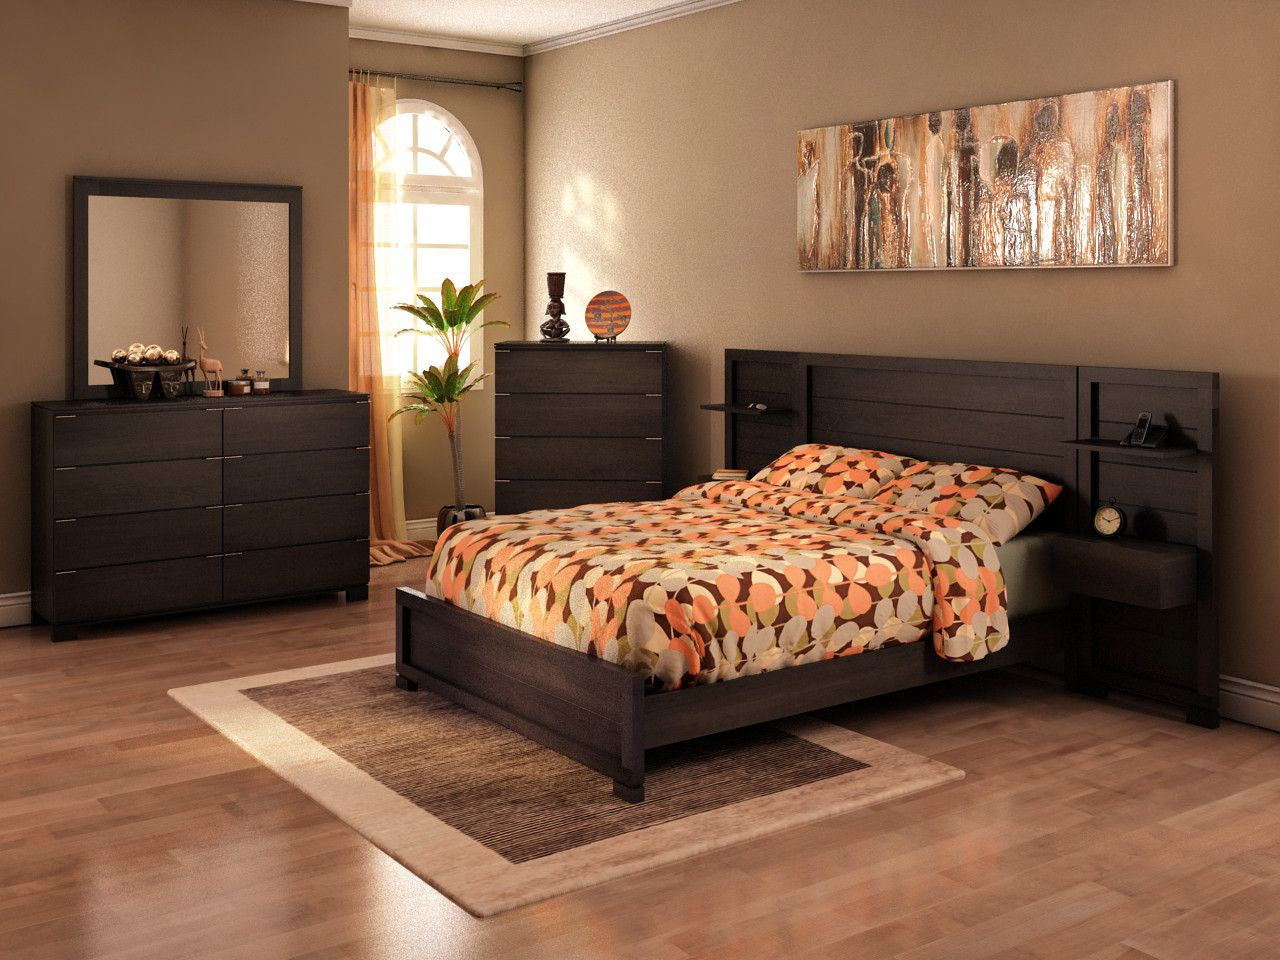 grandview panel bedroom collection wayfair bedroom bedroom rh pinterest com